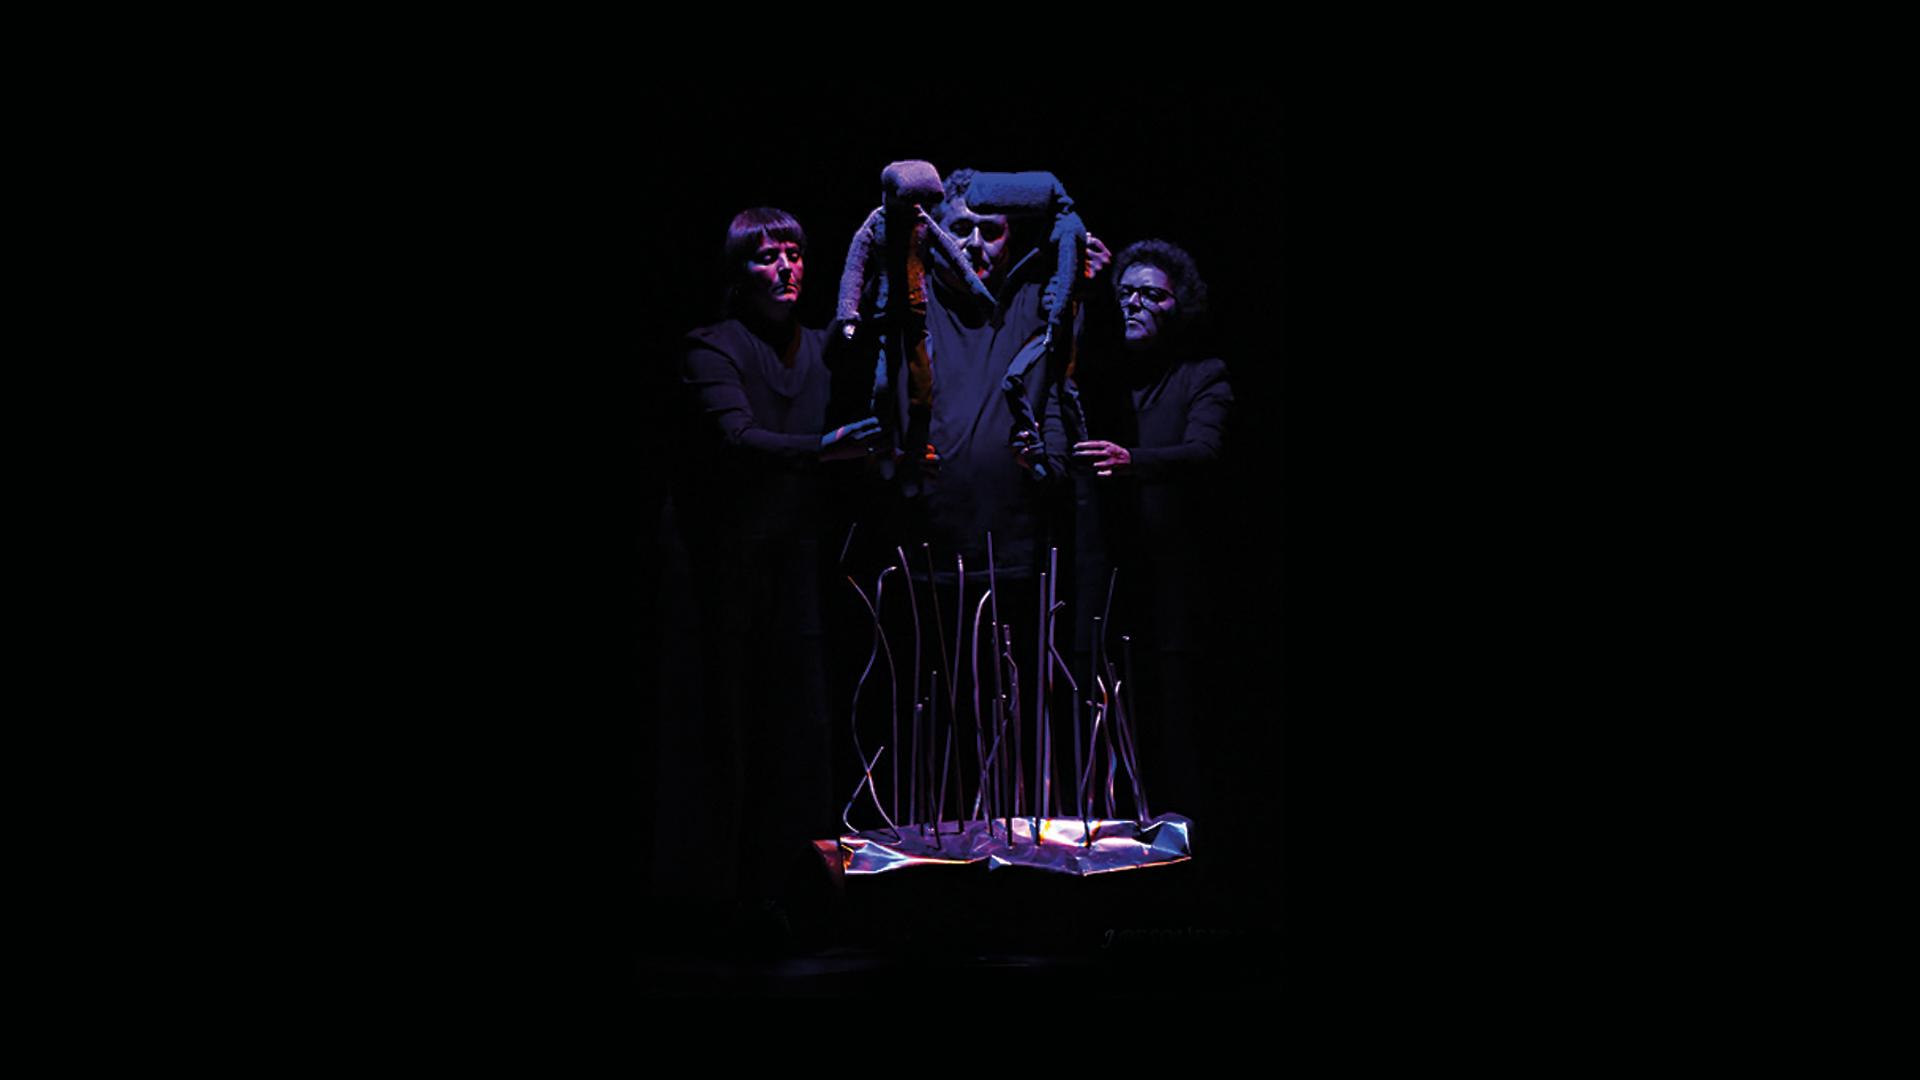 Teatro de Marionetas: A Viagem de Sophia